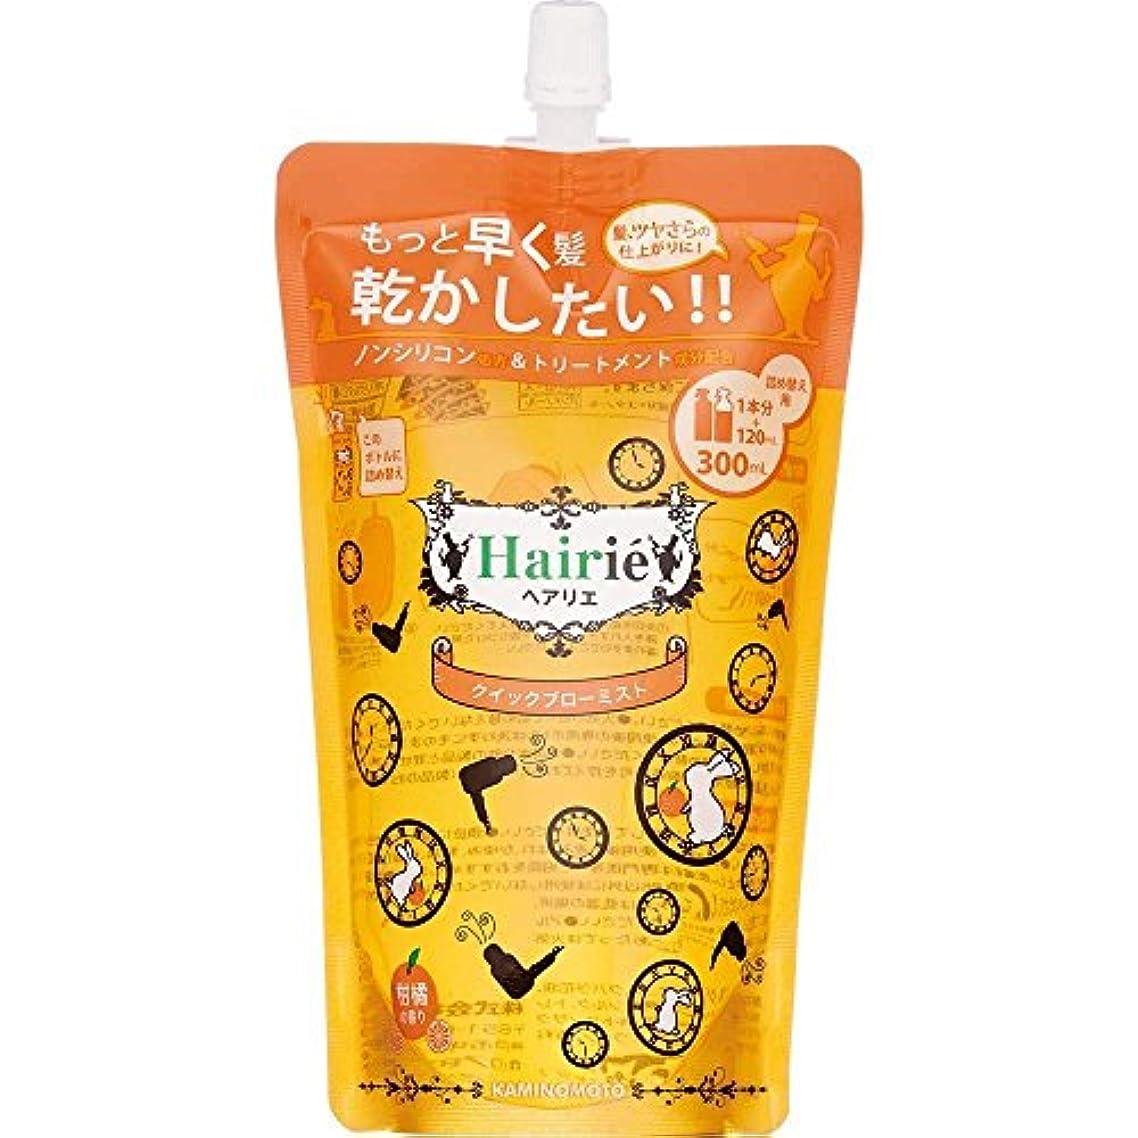 ブロッサム食い違い協定ヘアリエ クイックブローミスト 柑橘の香り 詰め替え 300mL×3個